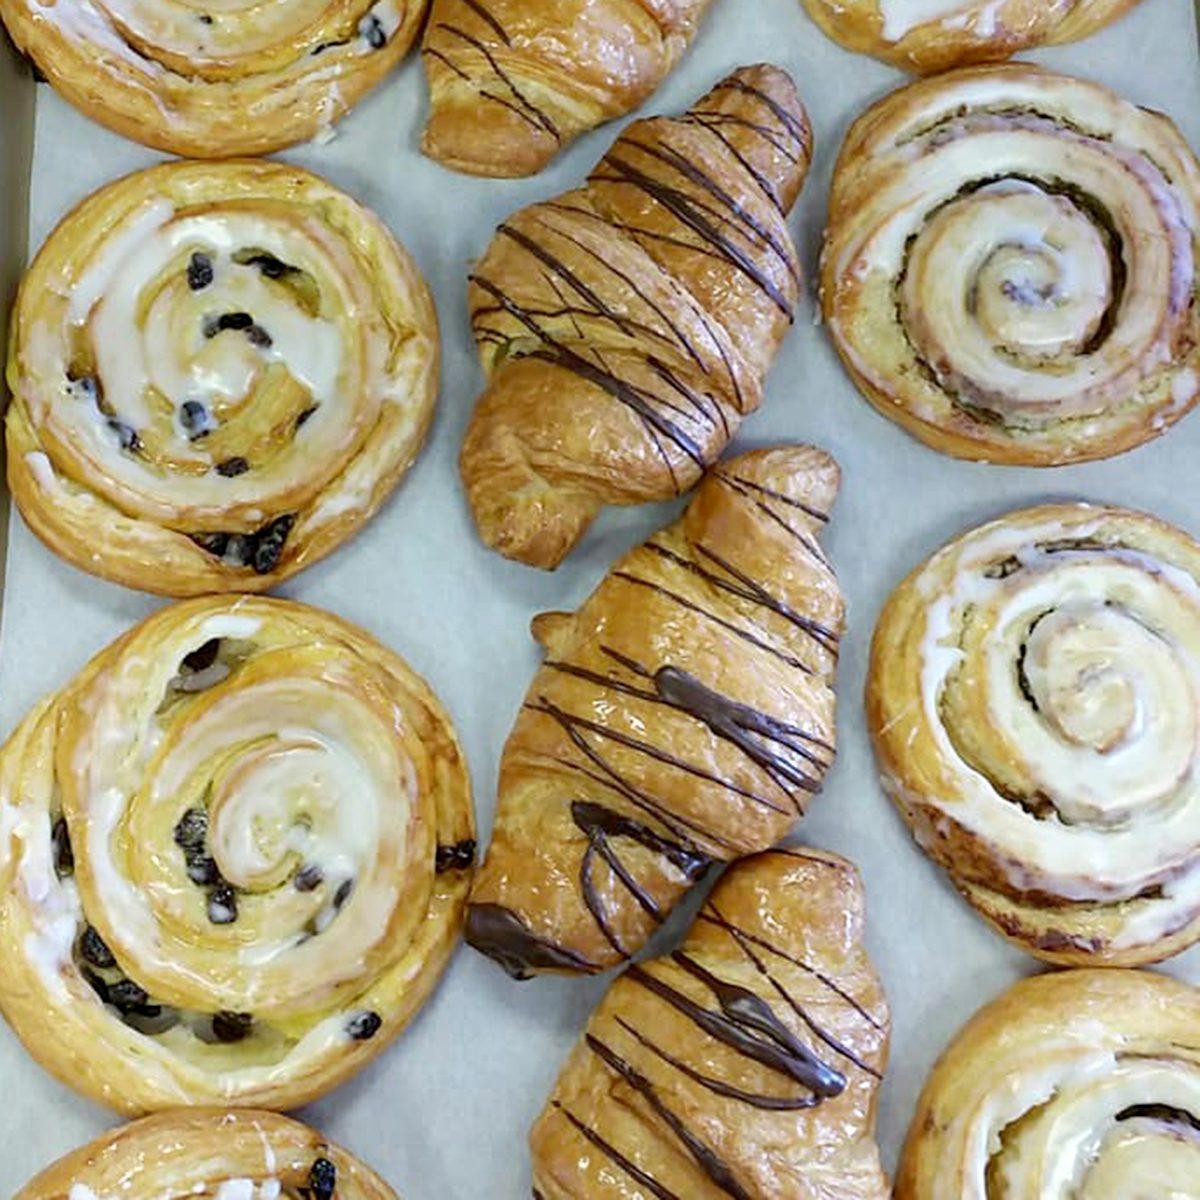 pastries on baking trey German Bread Bakery, Las Vegas